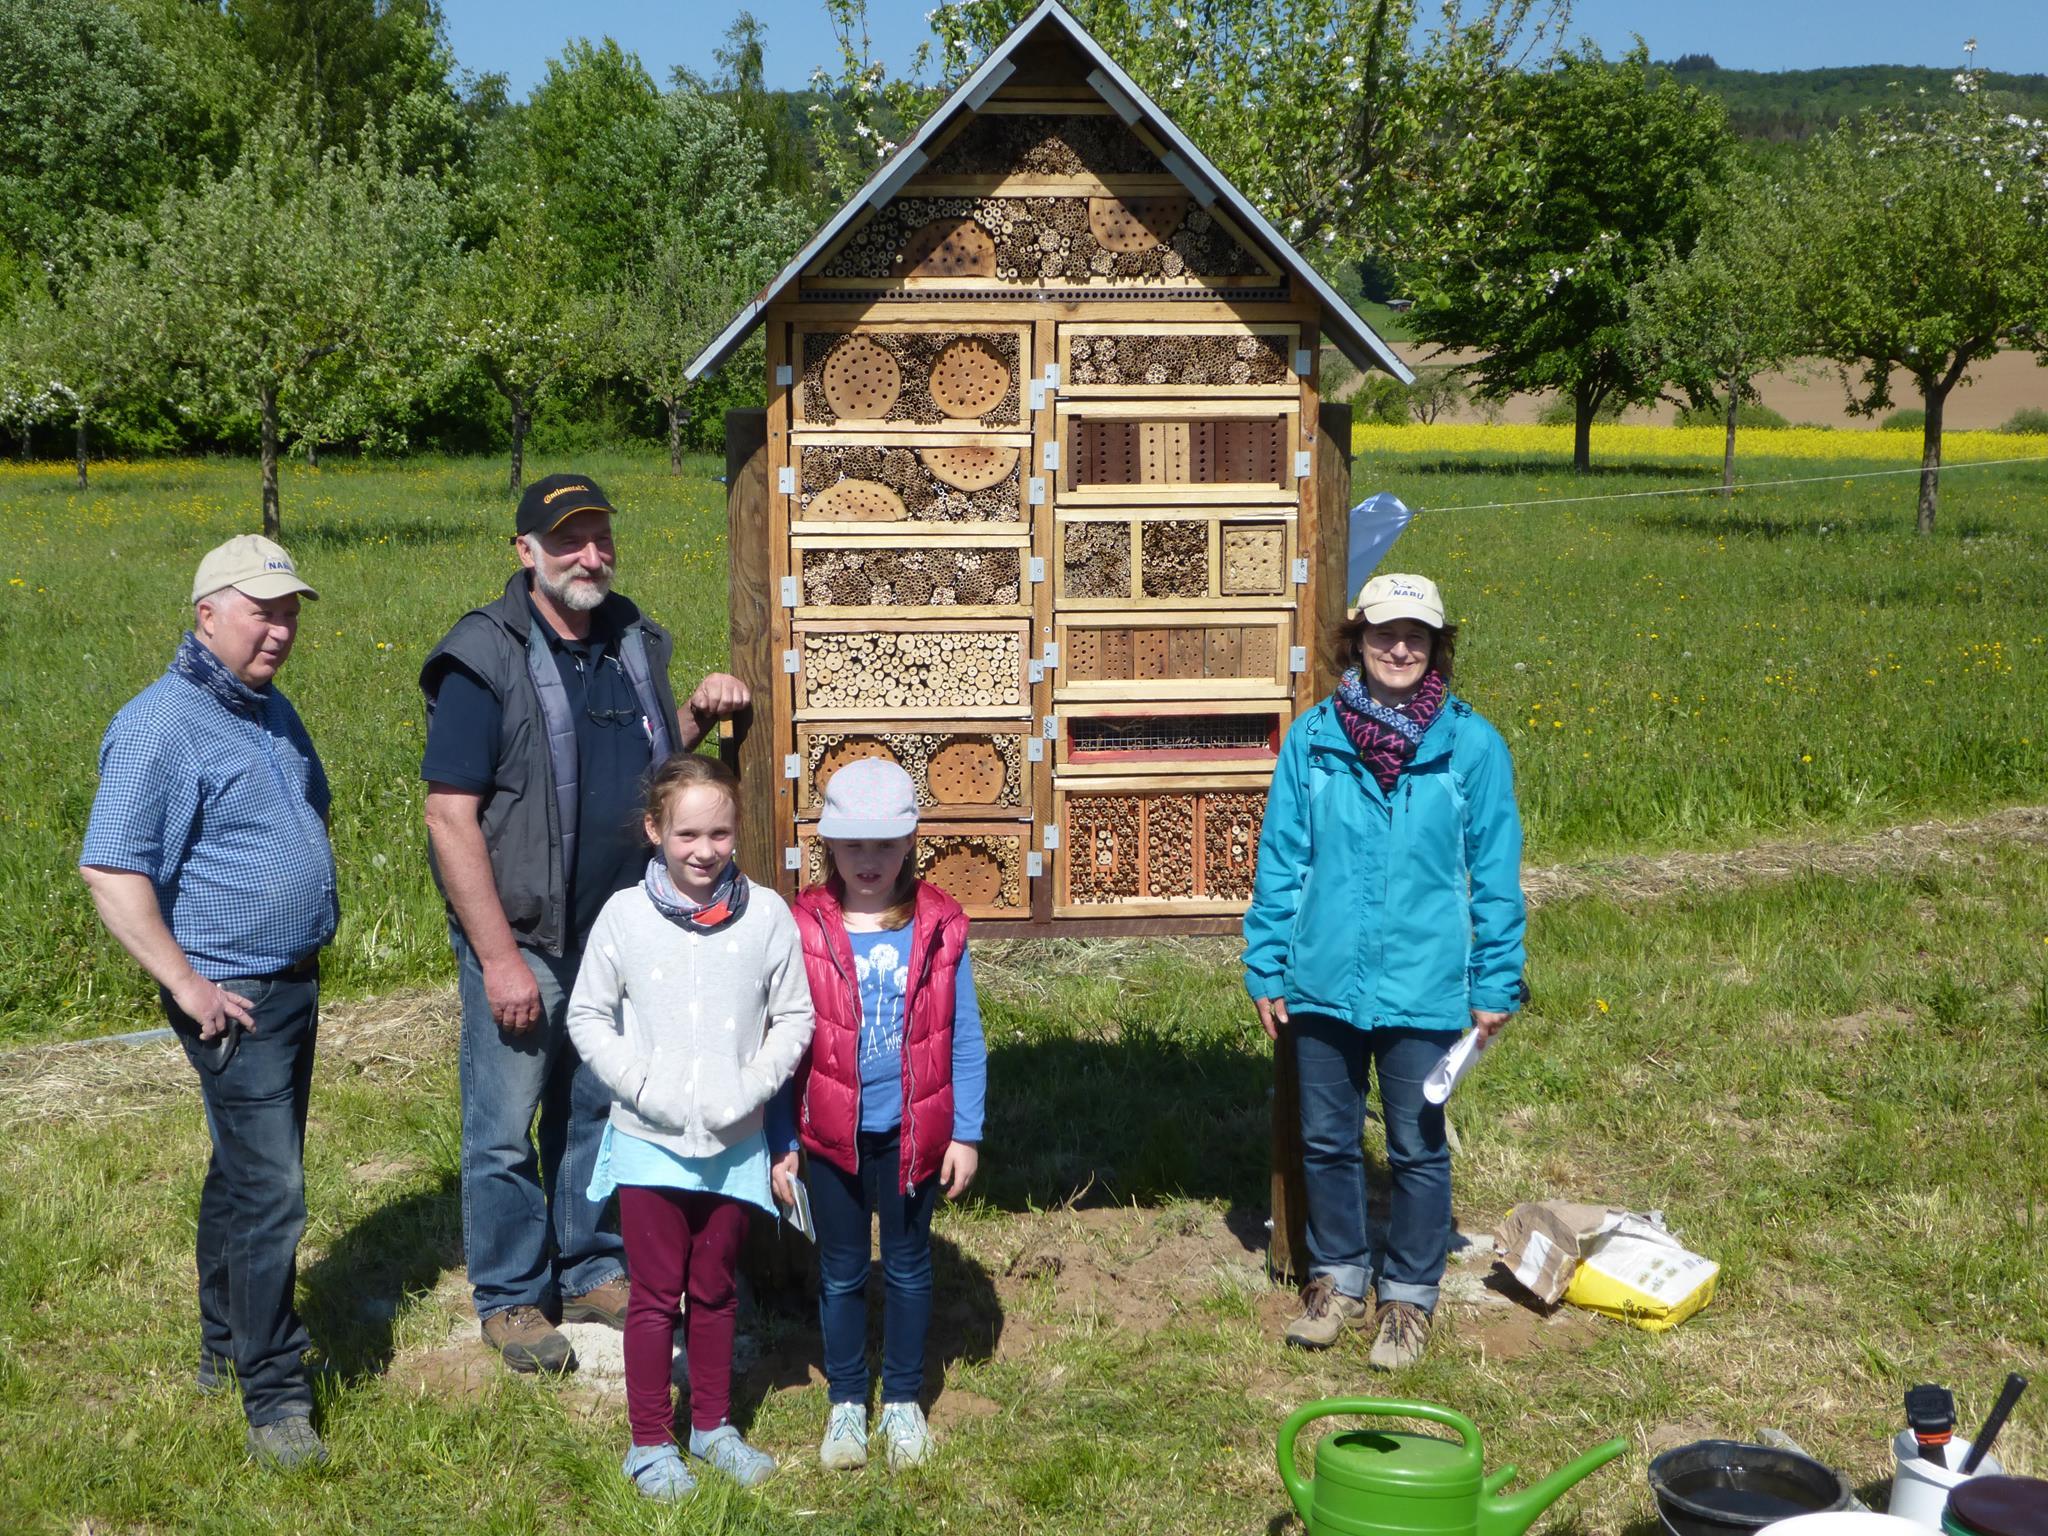 Das selbst gebaute Insektenhaus wurde von den Naturschützern aufgestellt